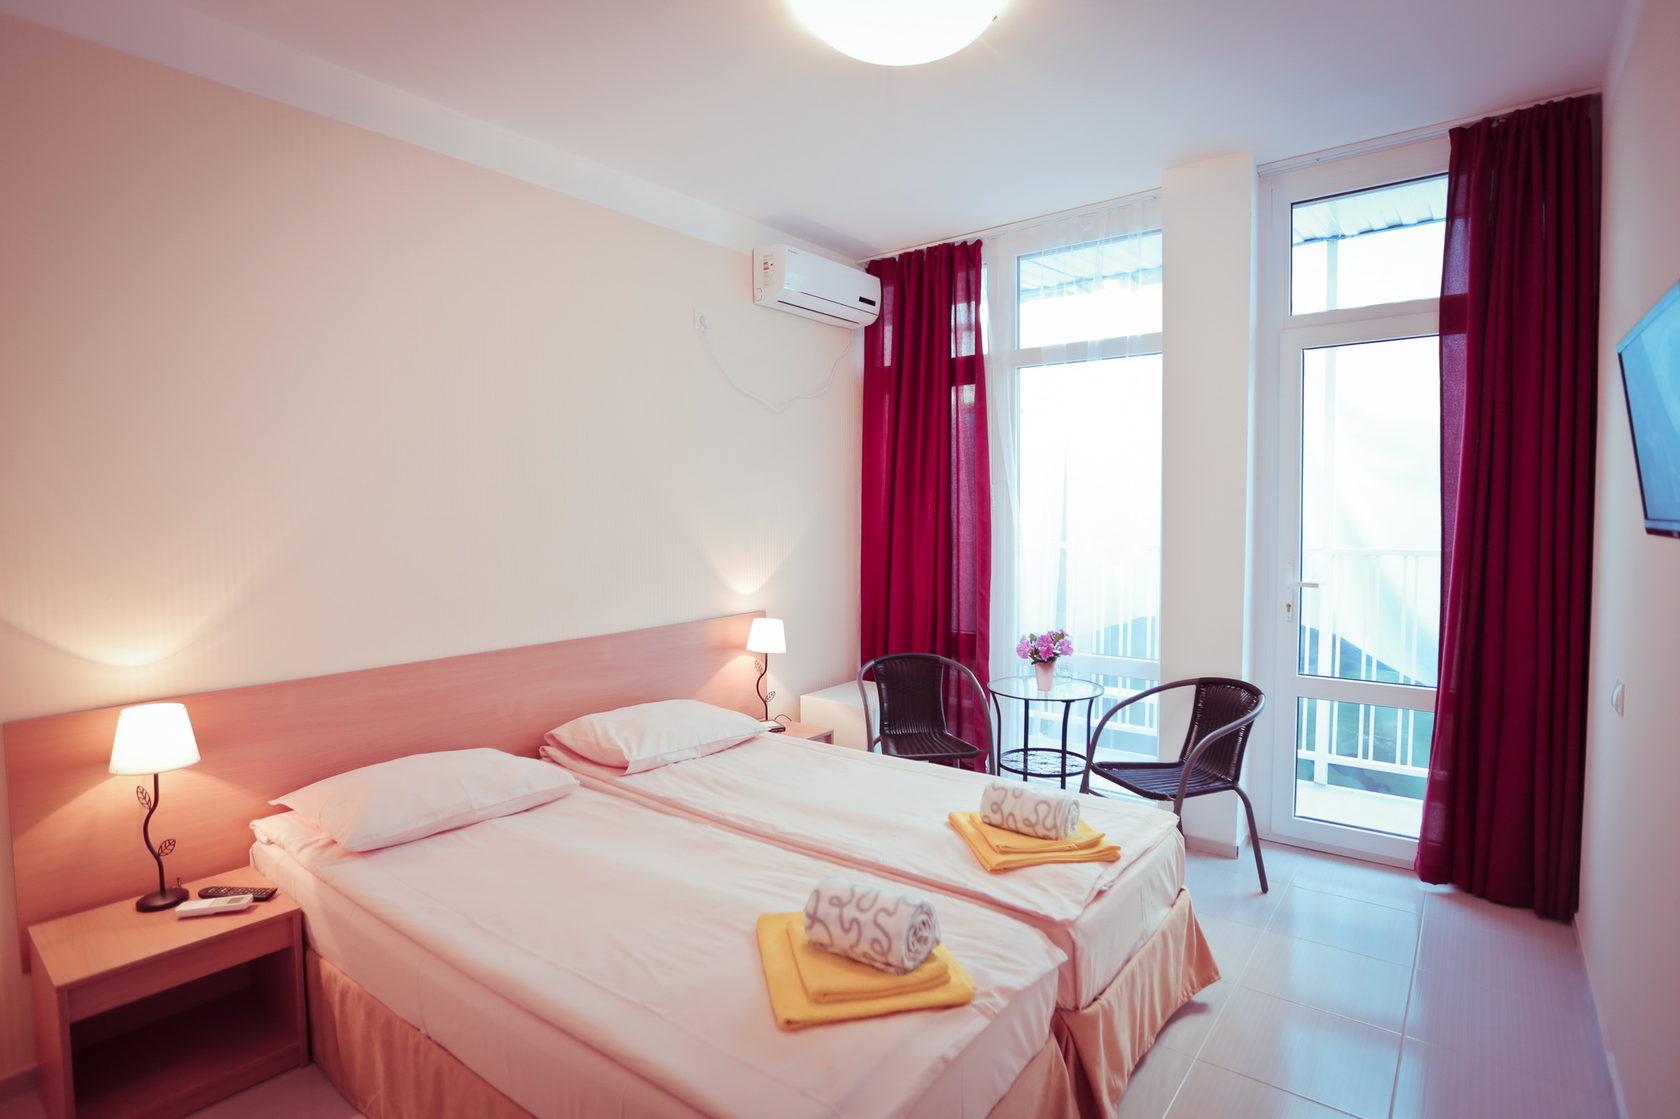 Двухместный номер в отеле Марсель в Лермонтово